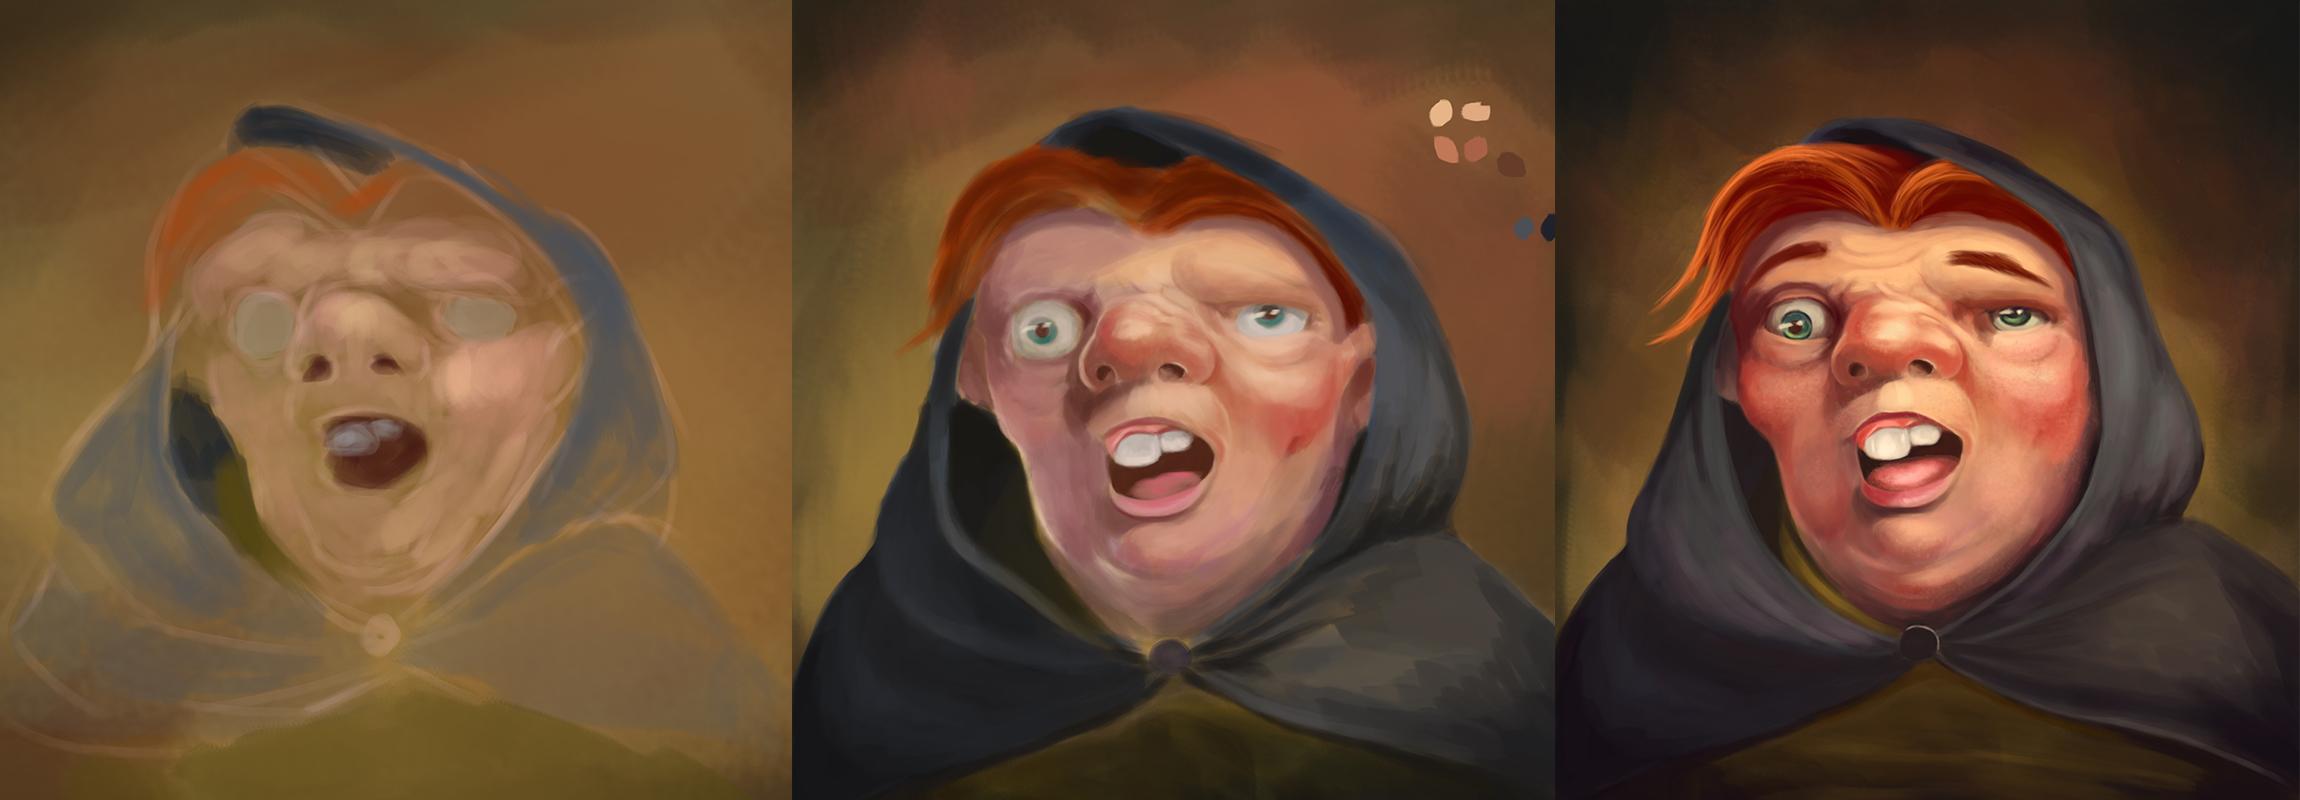 WIP Quasimodo